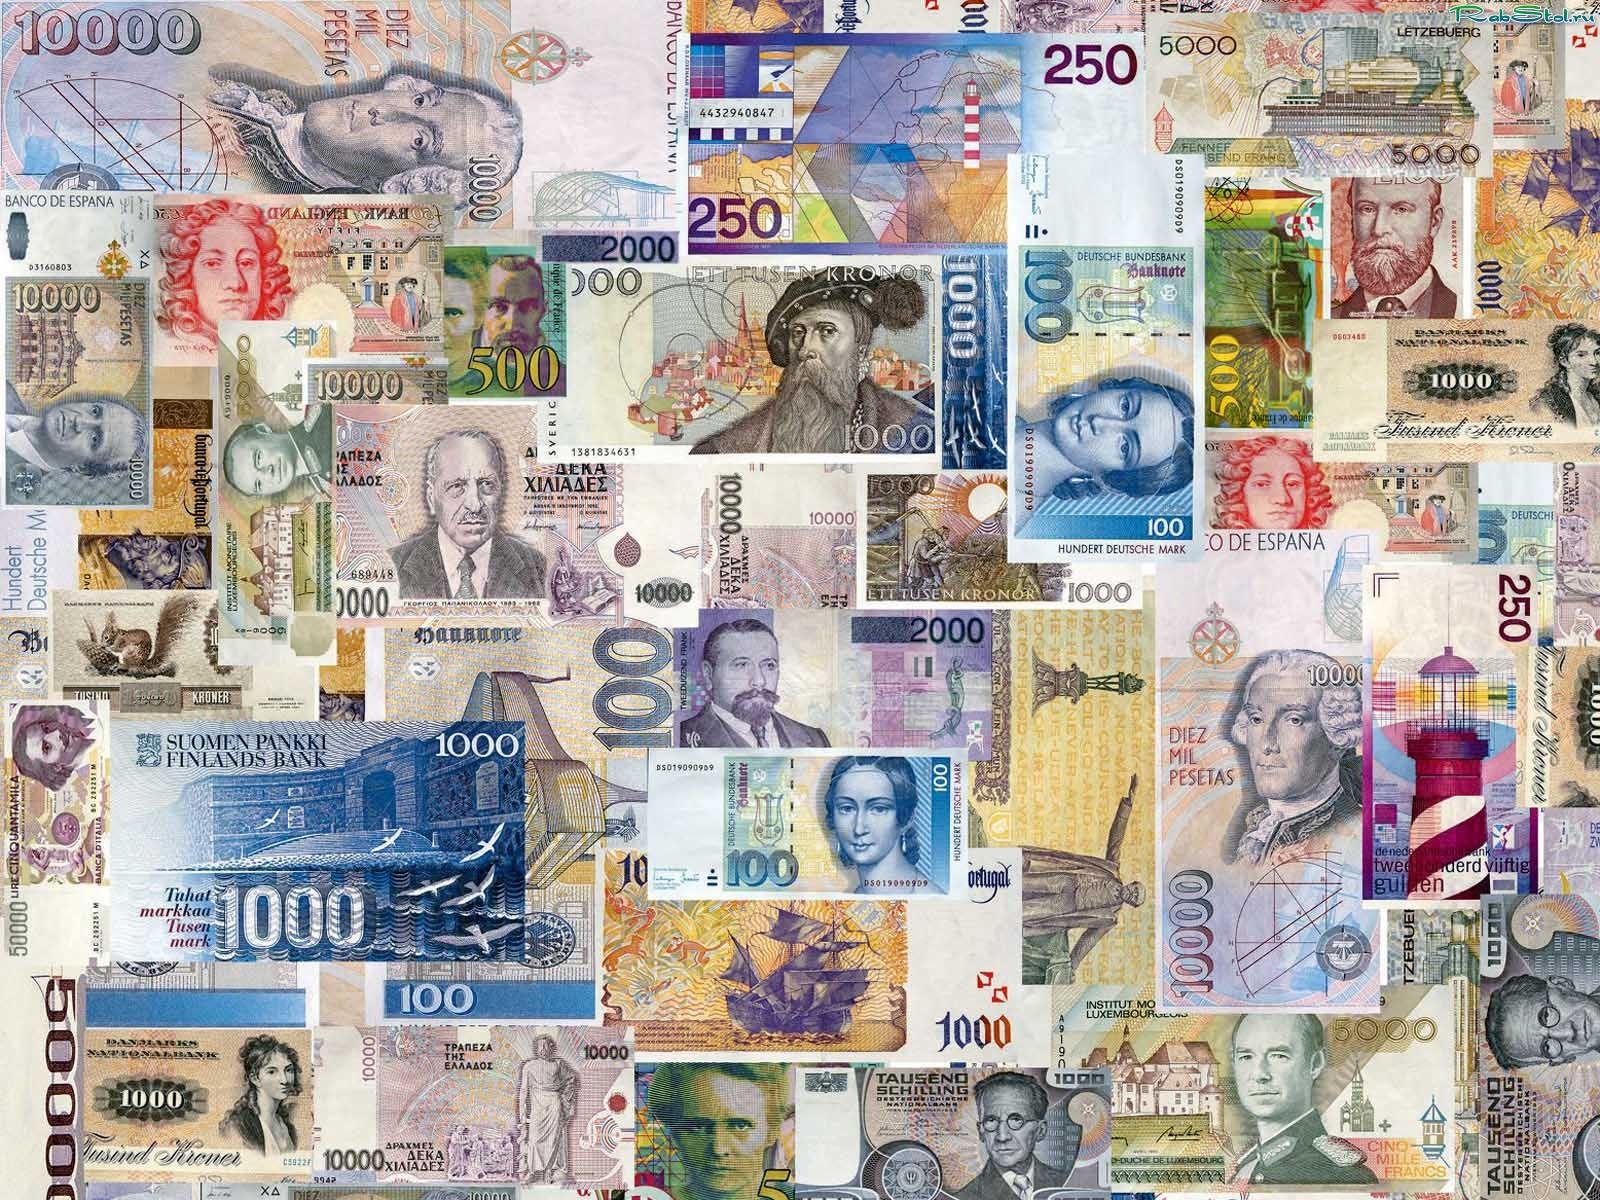 Можно все, что не запрещено: НБУ предлагает изменения в валютное законодательство